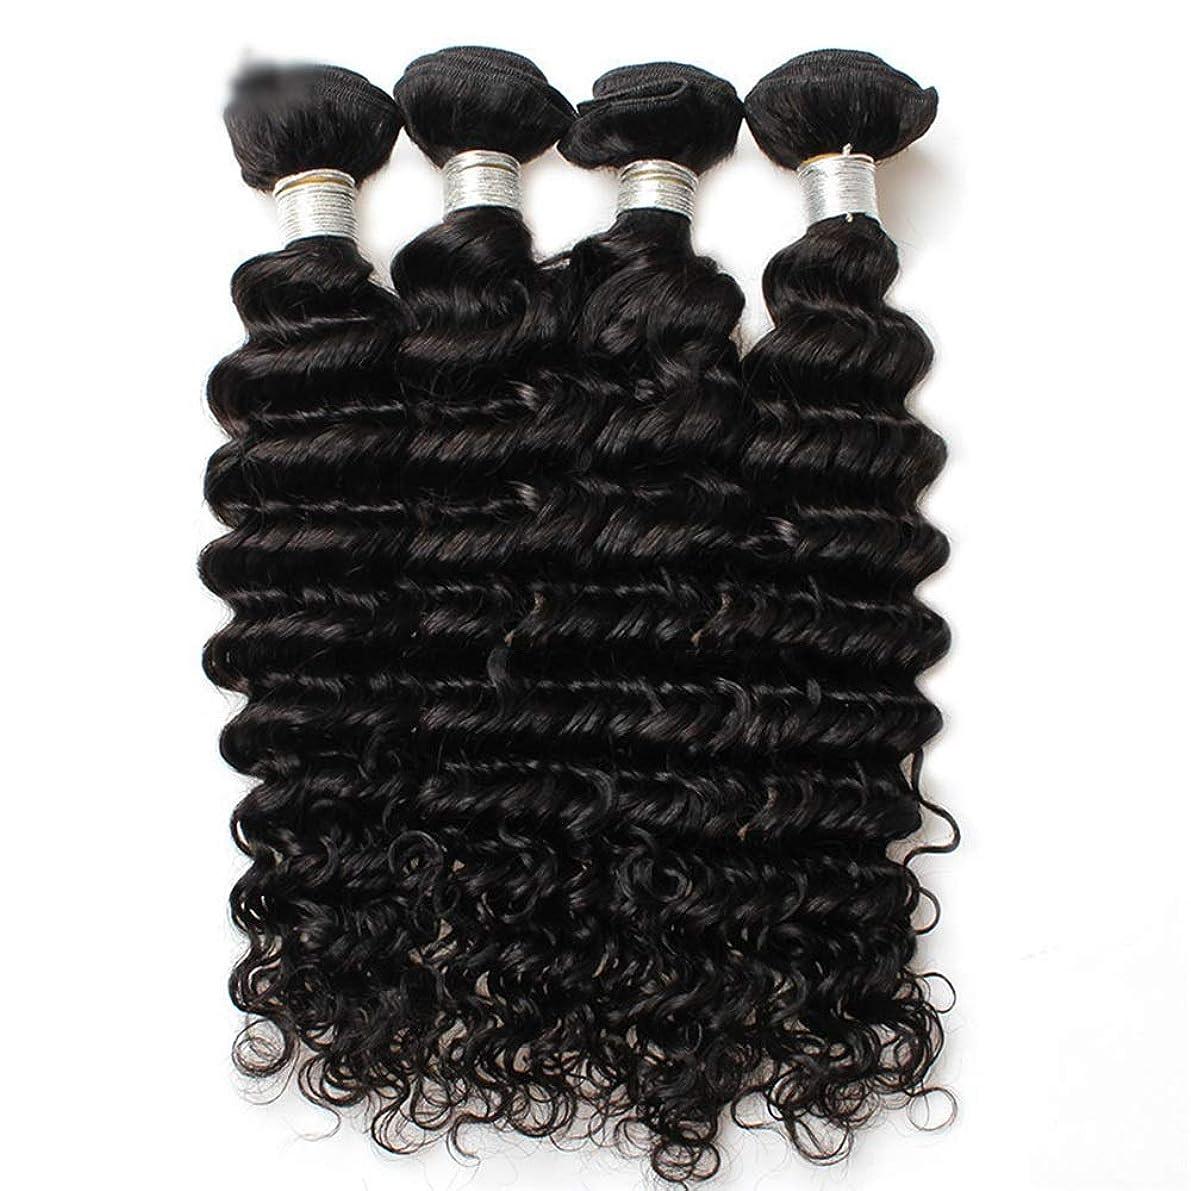 挽くシリンダーパトロンHOHYLLYA 7Aブラジルディープウェーブ人間の髪の束 - ナチュラルカラーヘアエクステンション(10